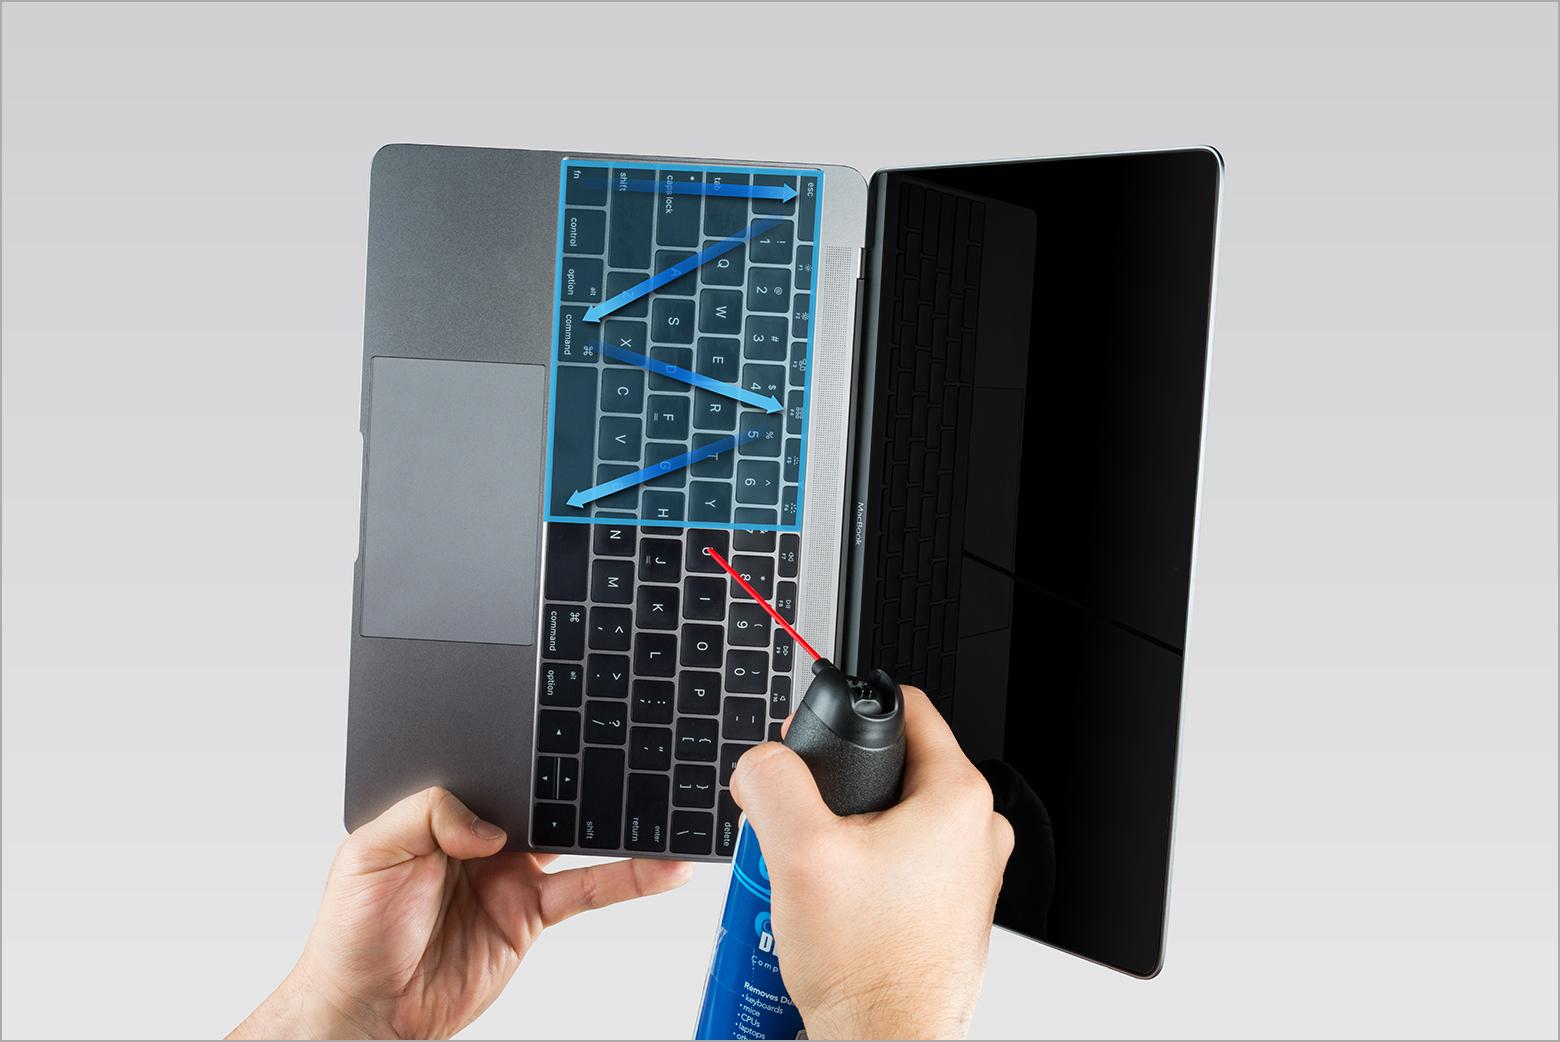 Tastiere MacBook Pro e MacBook difettose, azione legale in USA